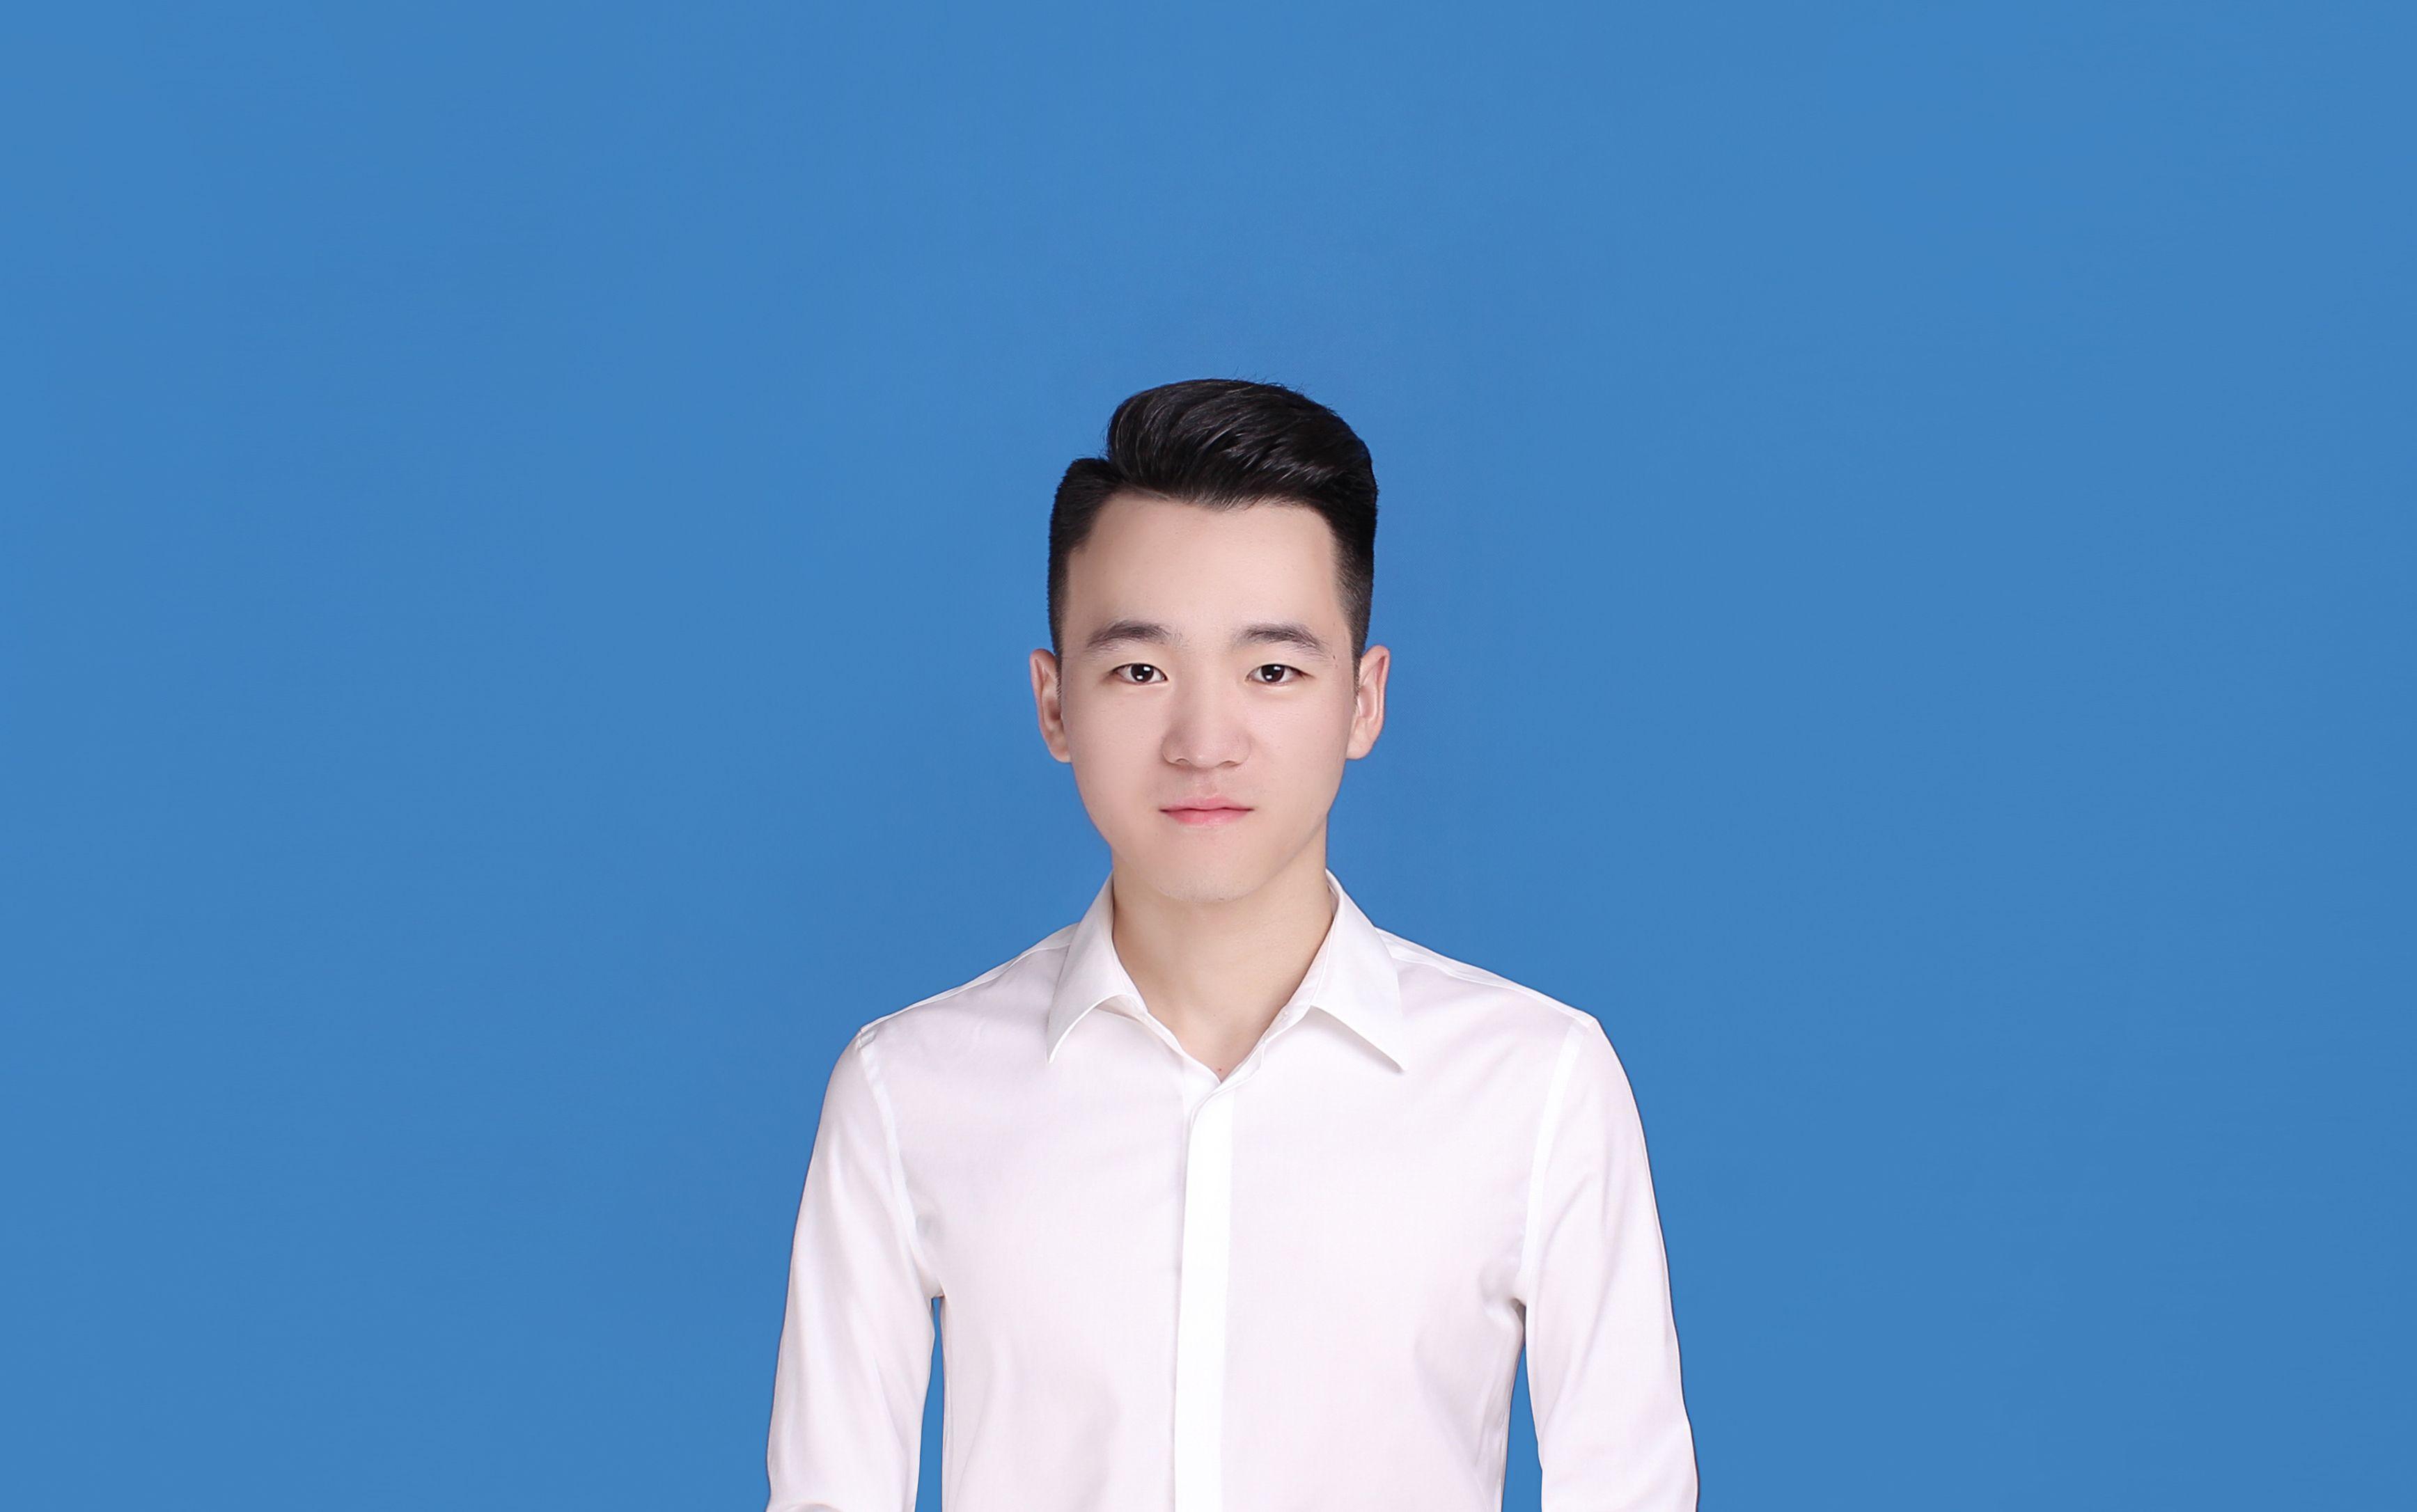 宁波家教单教员